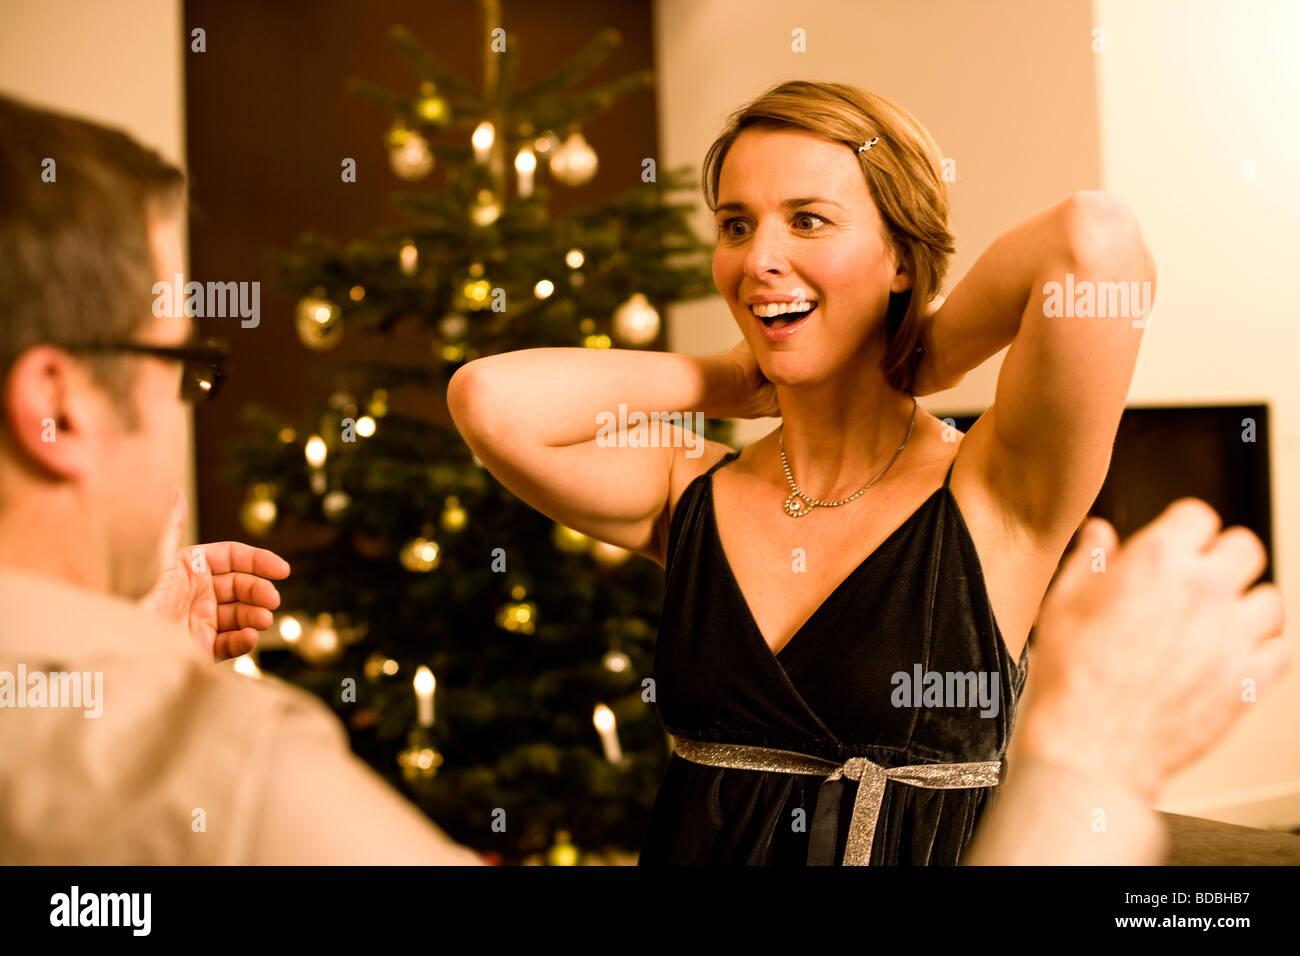 Weihnachtsgeschenke Für Mann Und Frau.Frau Bekommen Halskette Als Weihnachtsgeschenk Von Mann Stockfoto